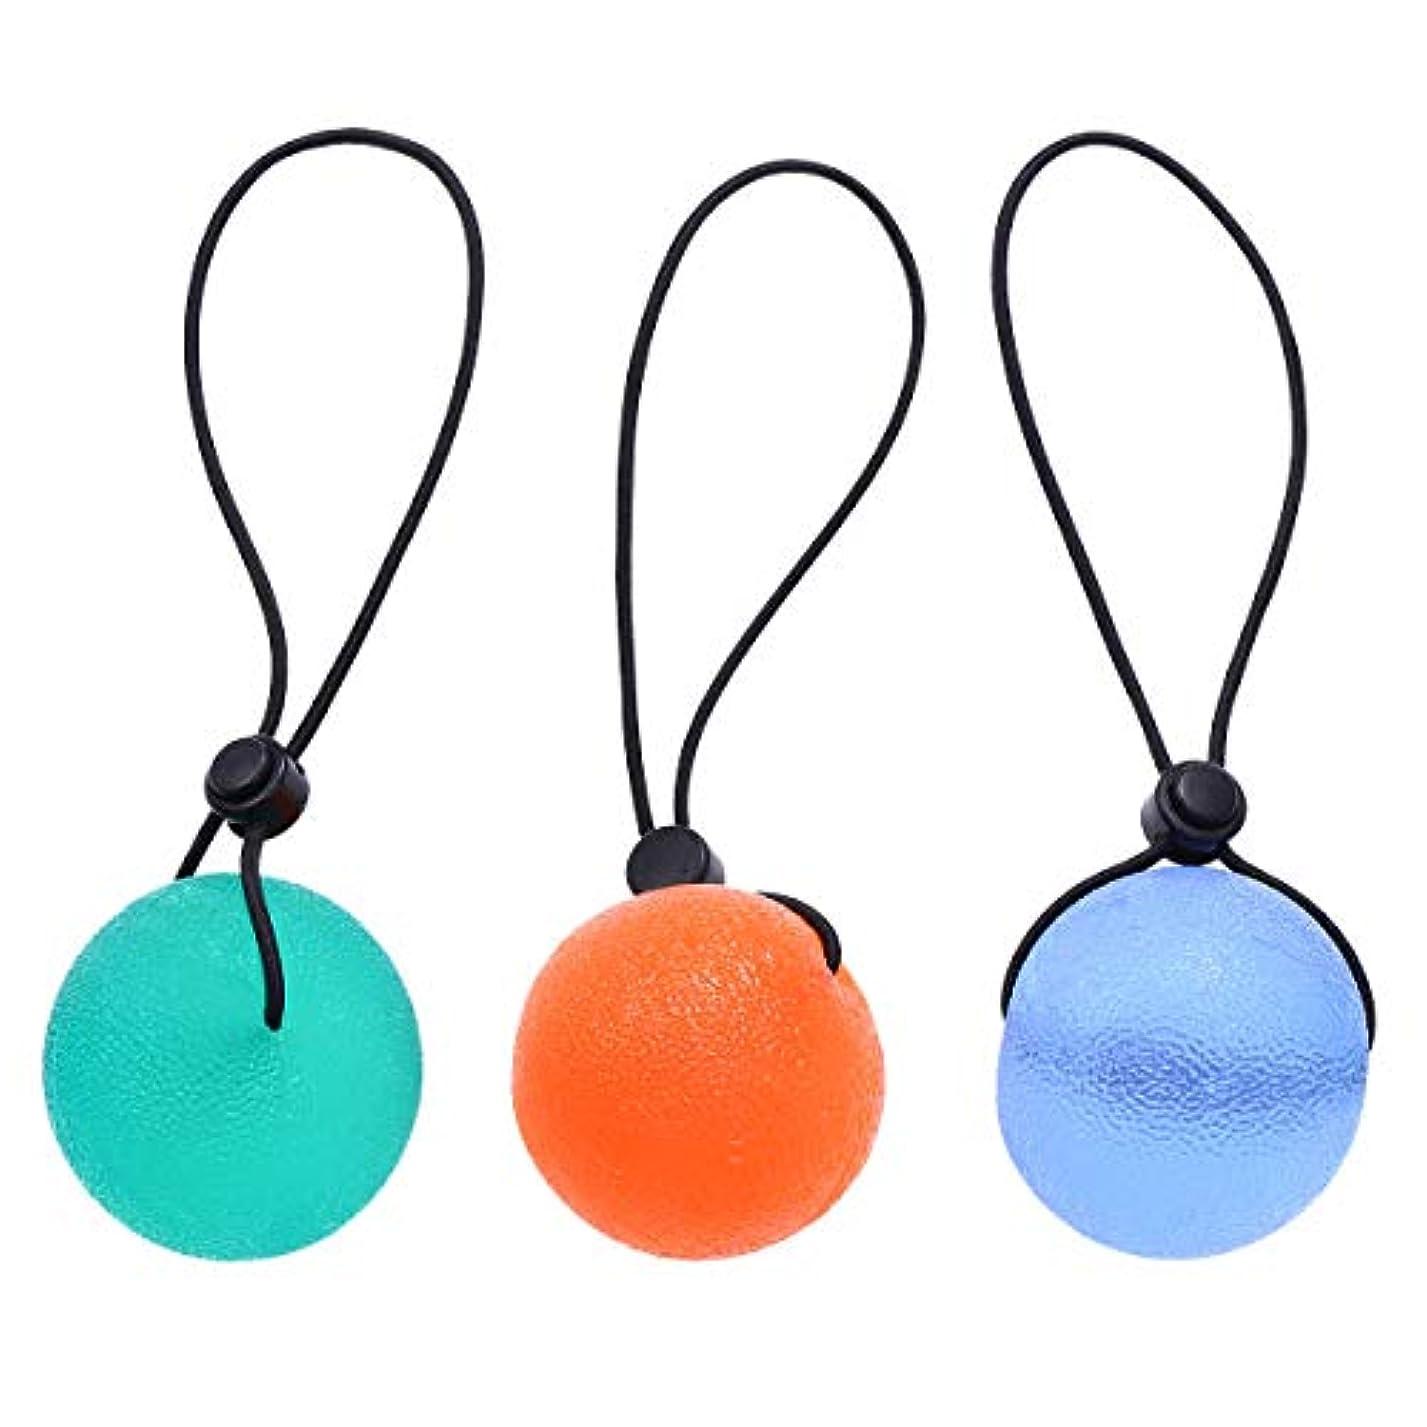 甥咽頭とにかくHEALIFTY ストレスリリーフボール、3本の指グリップボールセラピーエクササイズスクイズ卵ストレスボールストリングフィットネス機器(ランダムカラー)